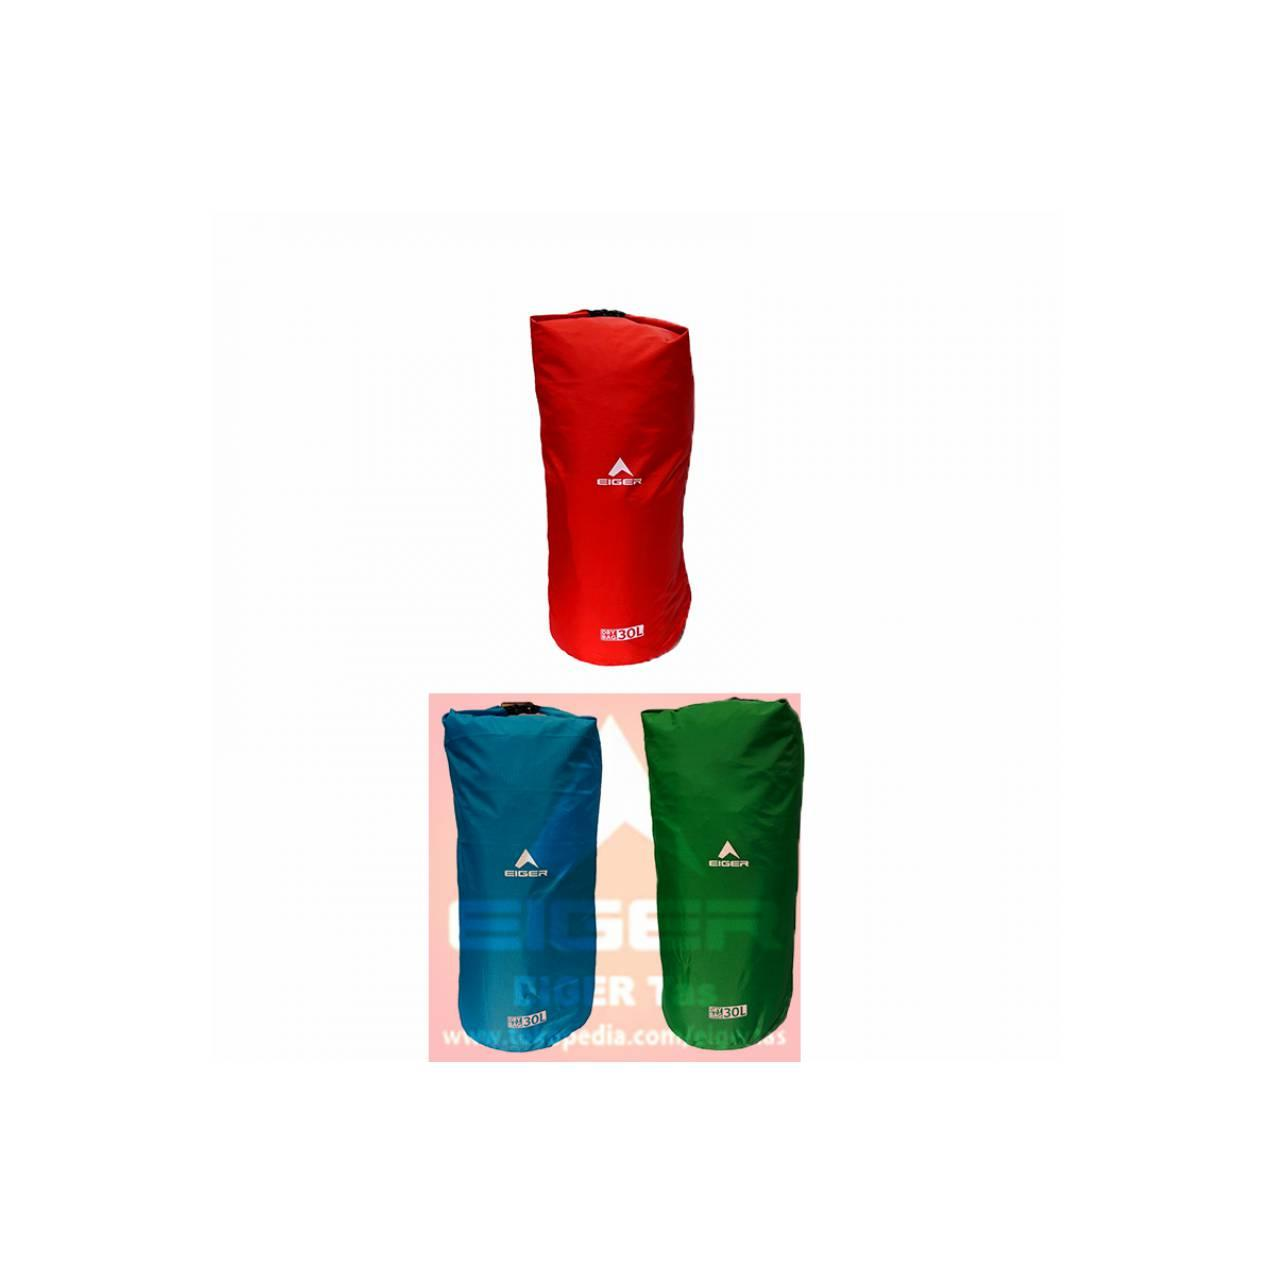 DRY BAG EIGER 30 L ART 910003450 WATERPROOF - TAS SIMPLE